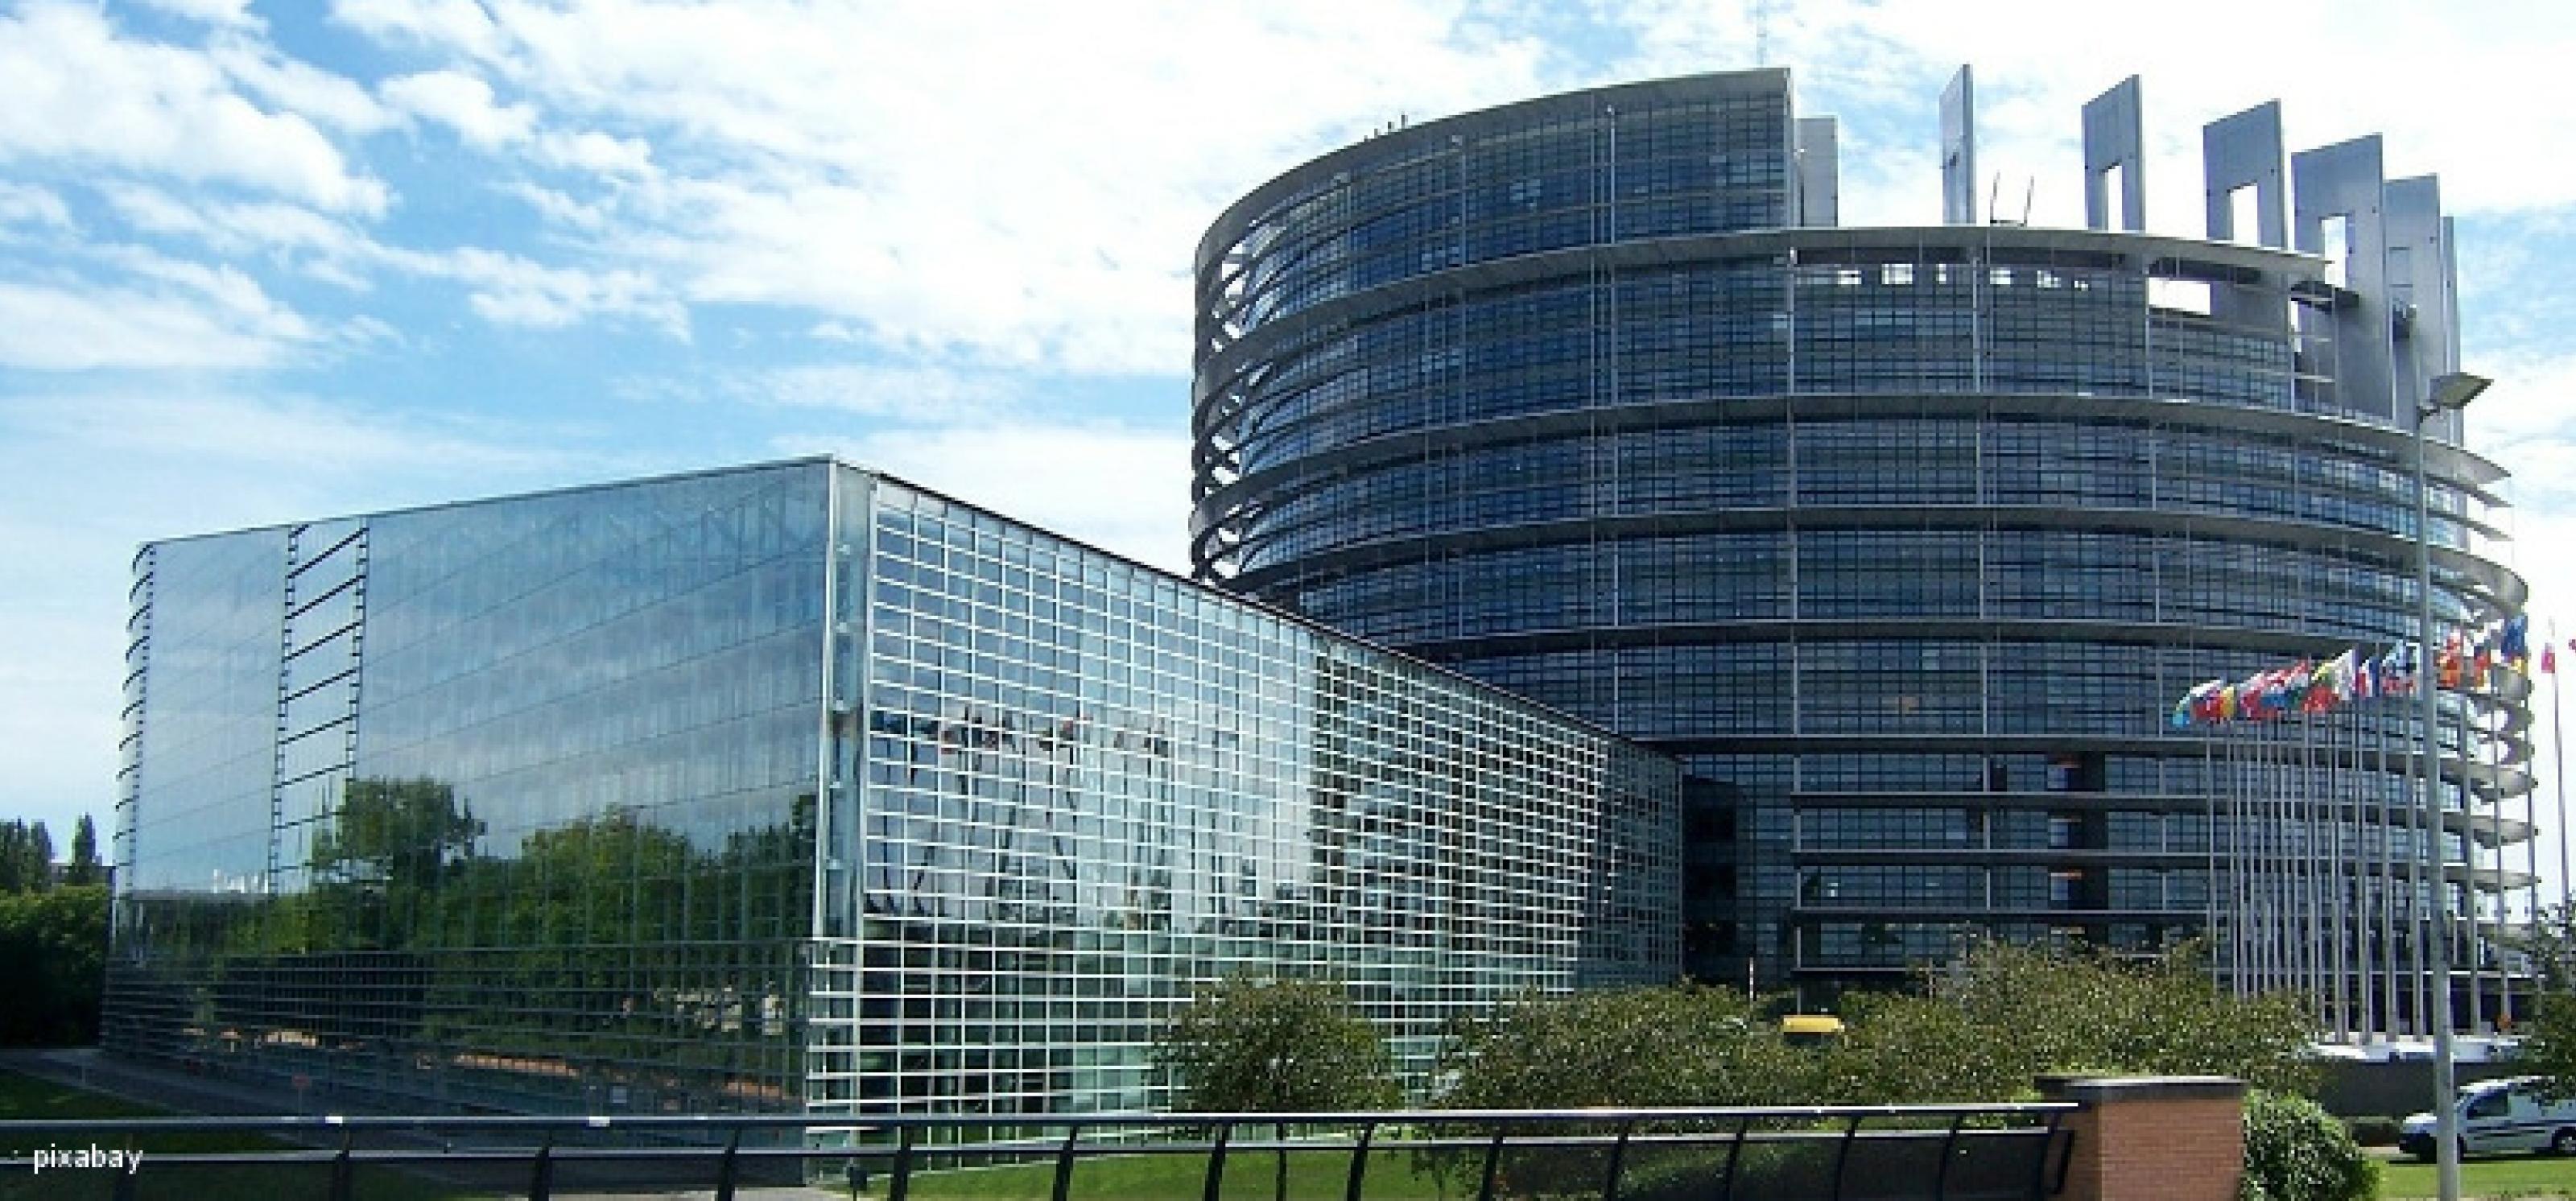 Parlamentsgebäude der EU in Straßburg: ein zylinderförmiges und ein rechteckiges Gebäude mit Glasfassaden